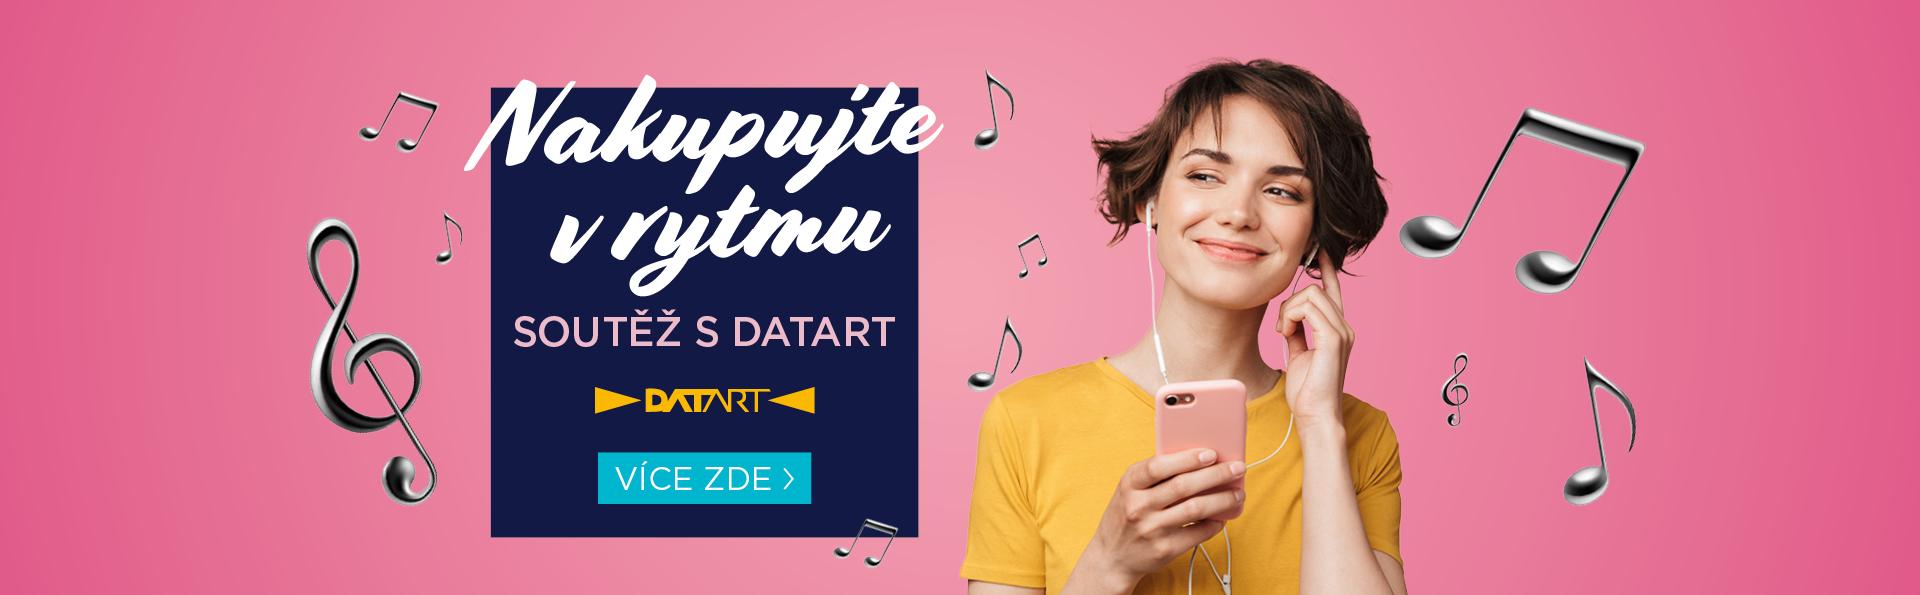 Vyhrajte elektroniku v soutěži s DATART